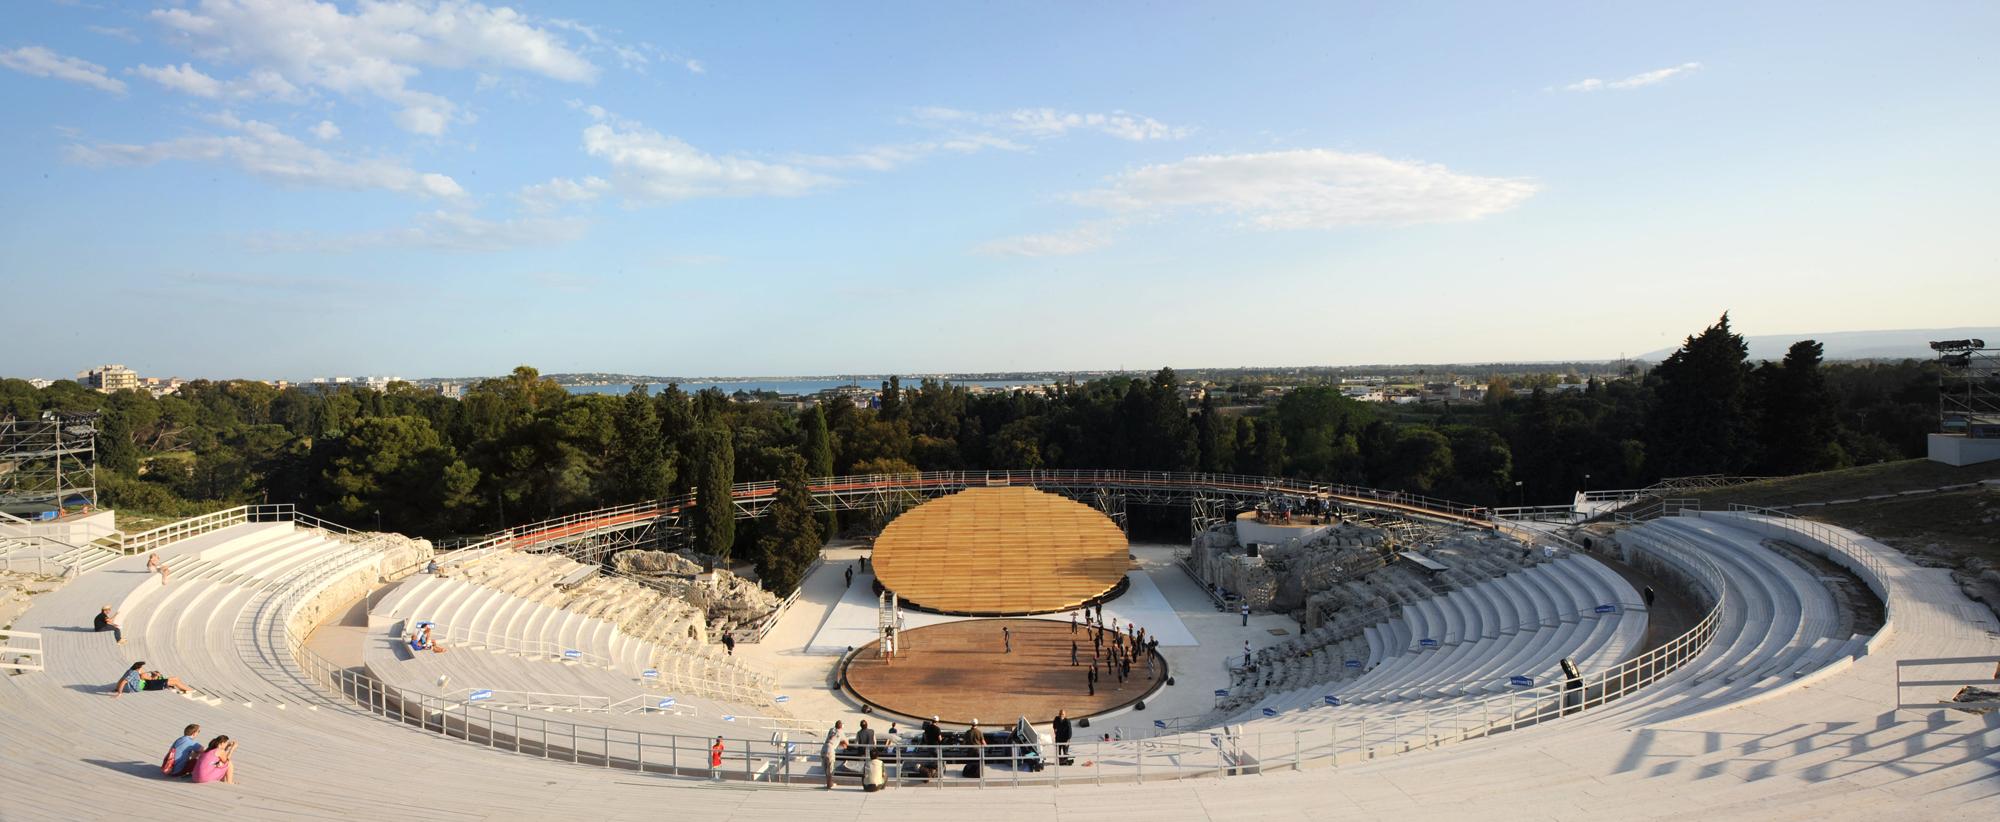 Cenografia e Arquitetura: Anfiteatro Grego em Siracusa / OMA, © OMA por Alberto Moncada